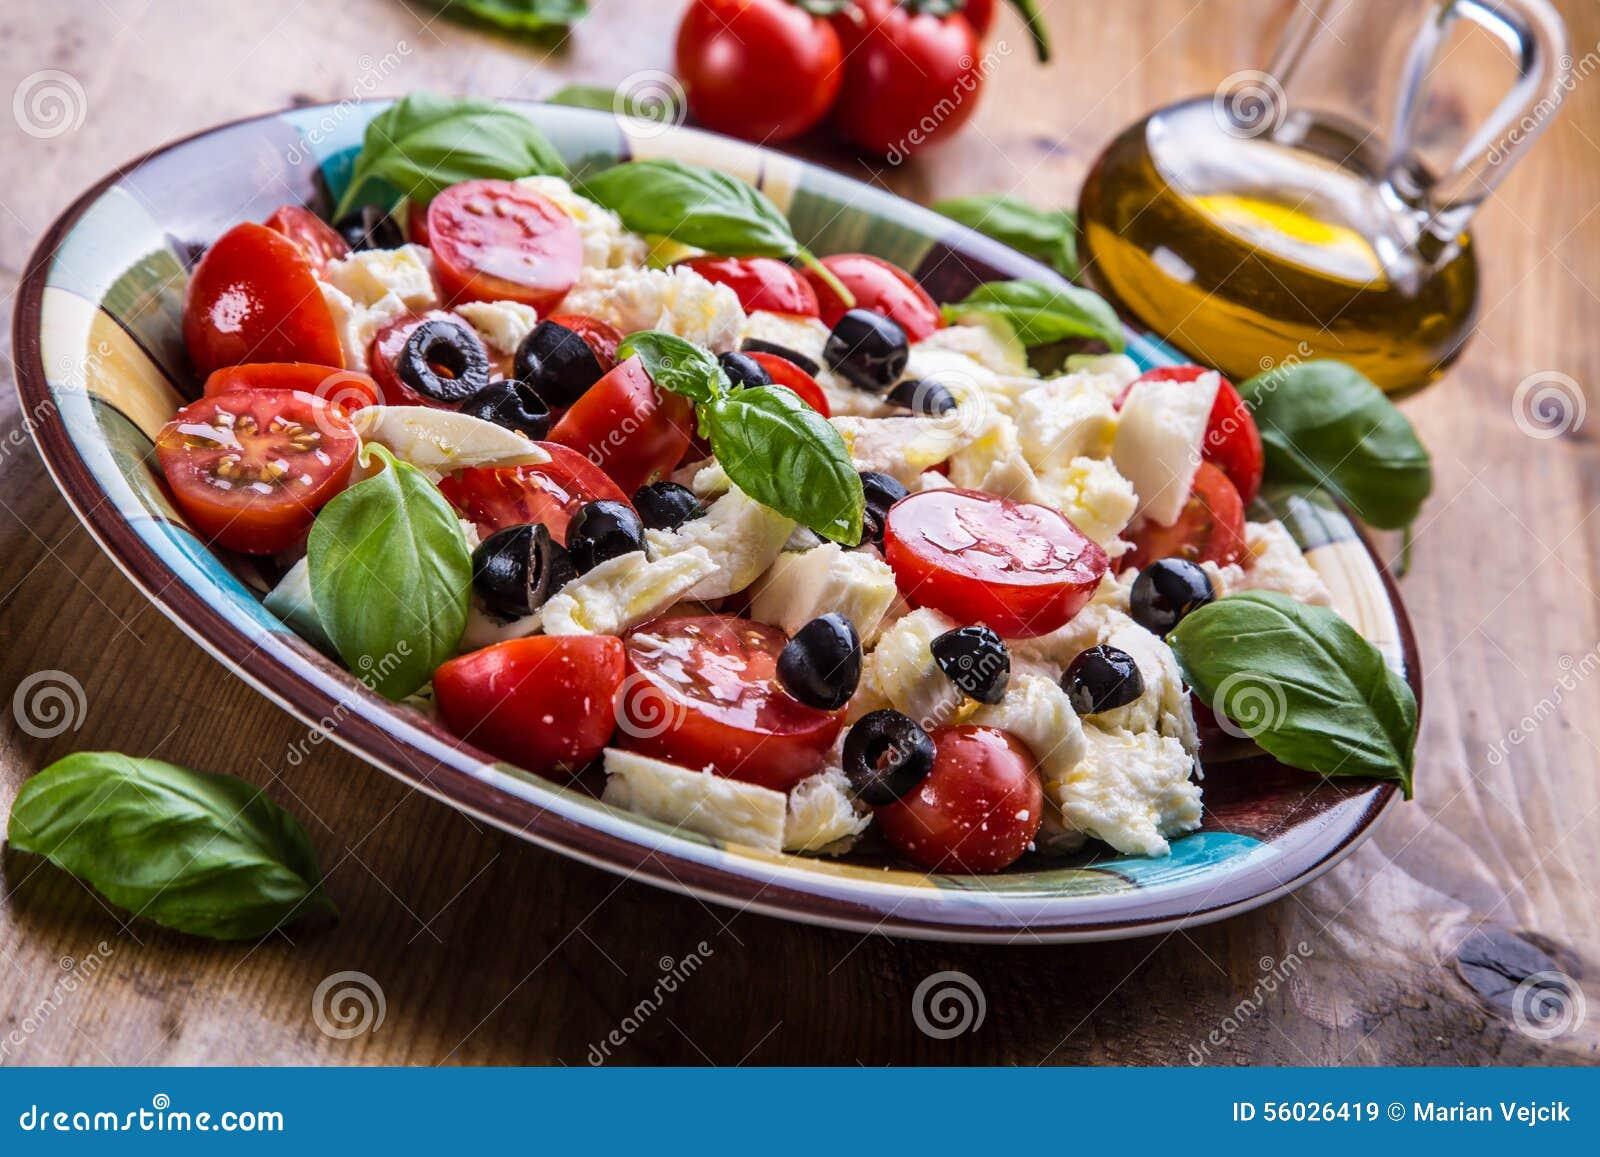 italienische küche lizenzfreie stockfotografie - bild: 12605727